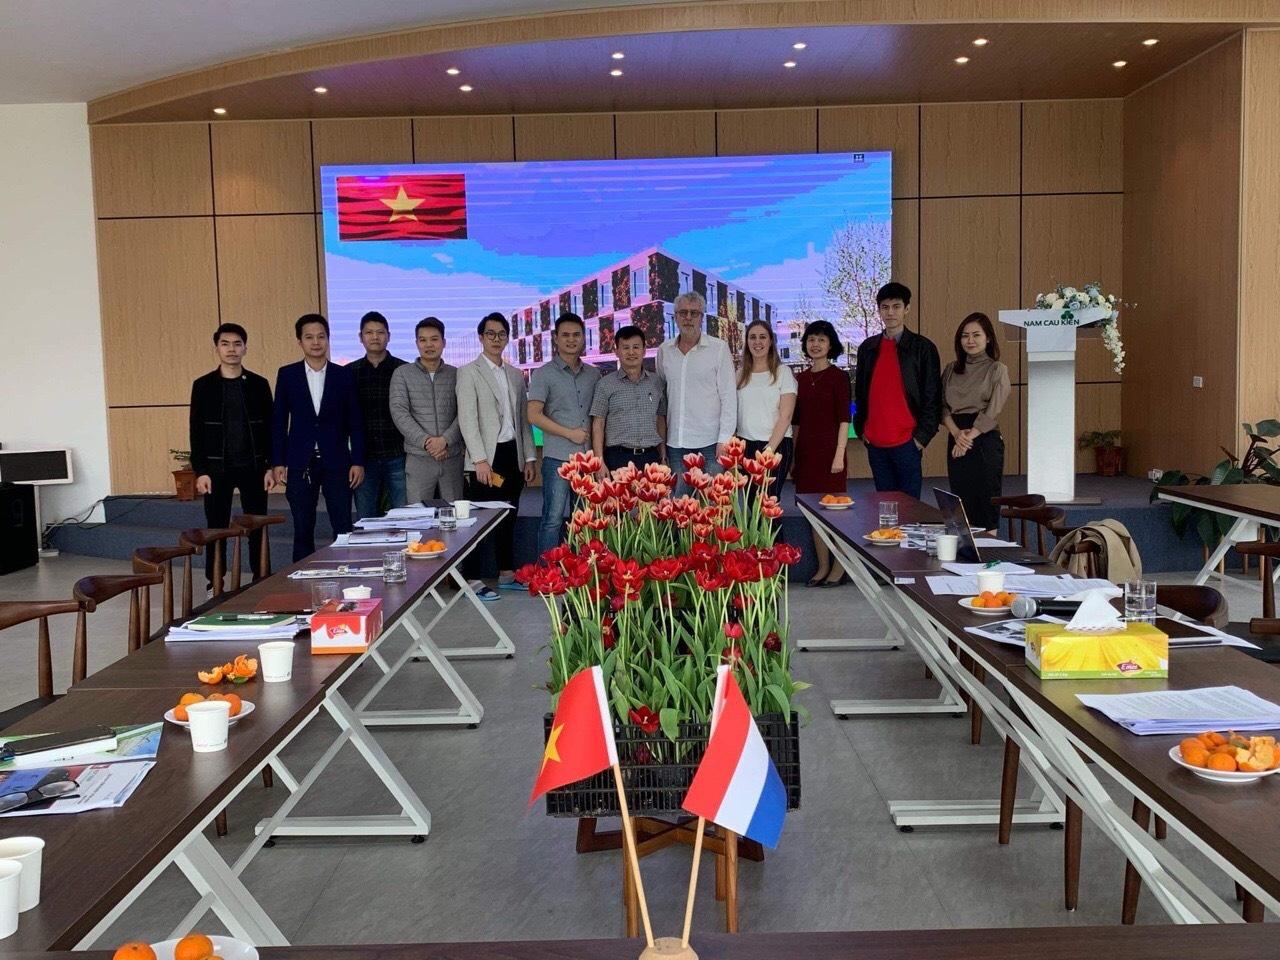 Nextfarm tham gia triển khai dự án tiền khả thi xây dựng Trung tâm Nông nghiệp Công nghệ cao của Shinec (Khu Công nghiệp Nam Cầu Kiền – Hải Phòng) và Kenlog (Hà Lan)